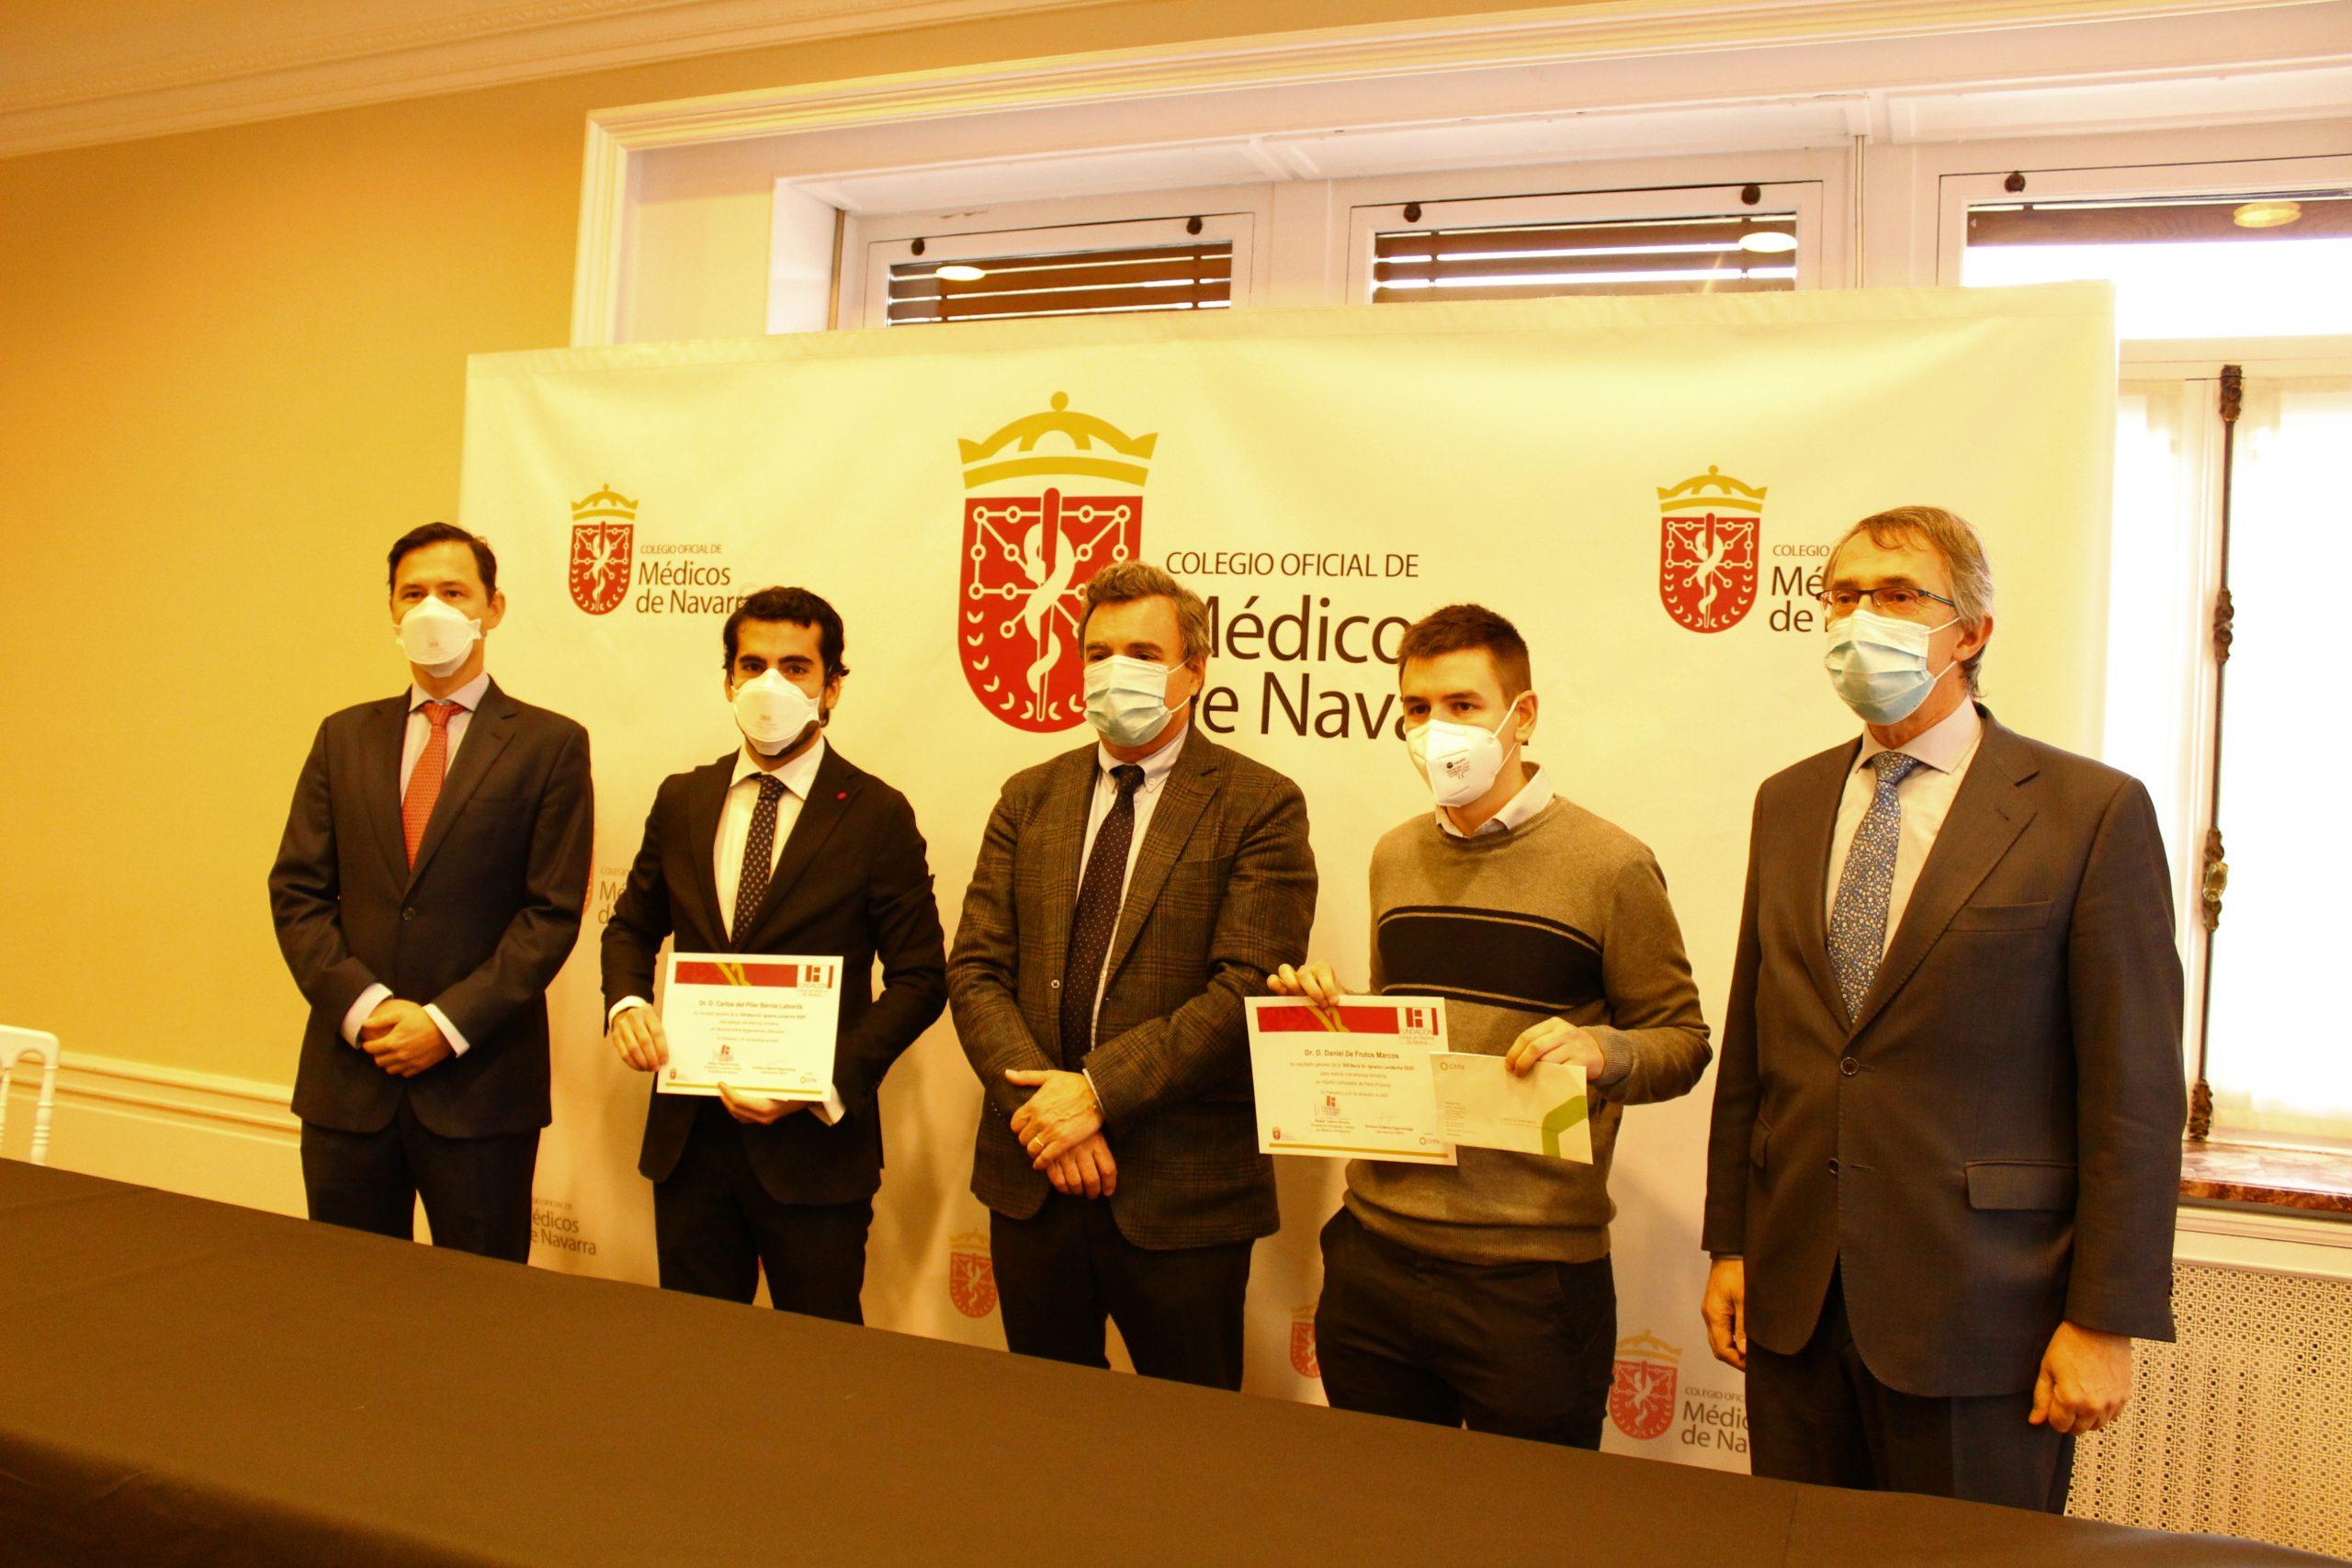 Daniel de Frutos y Carlos Bérniz ganan las Becas MIR 2020 del Colegio de Médicos de Navarra.